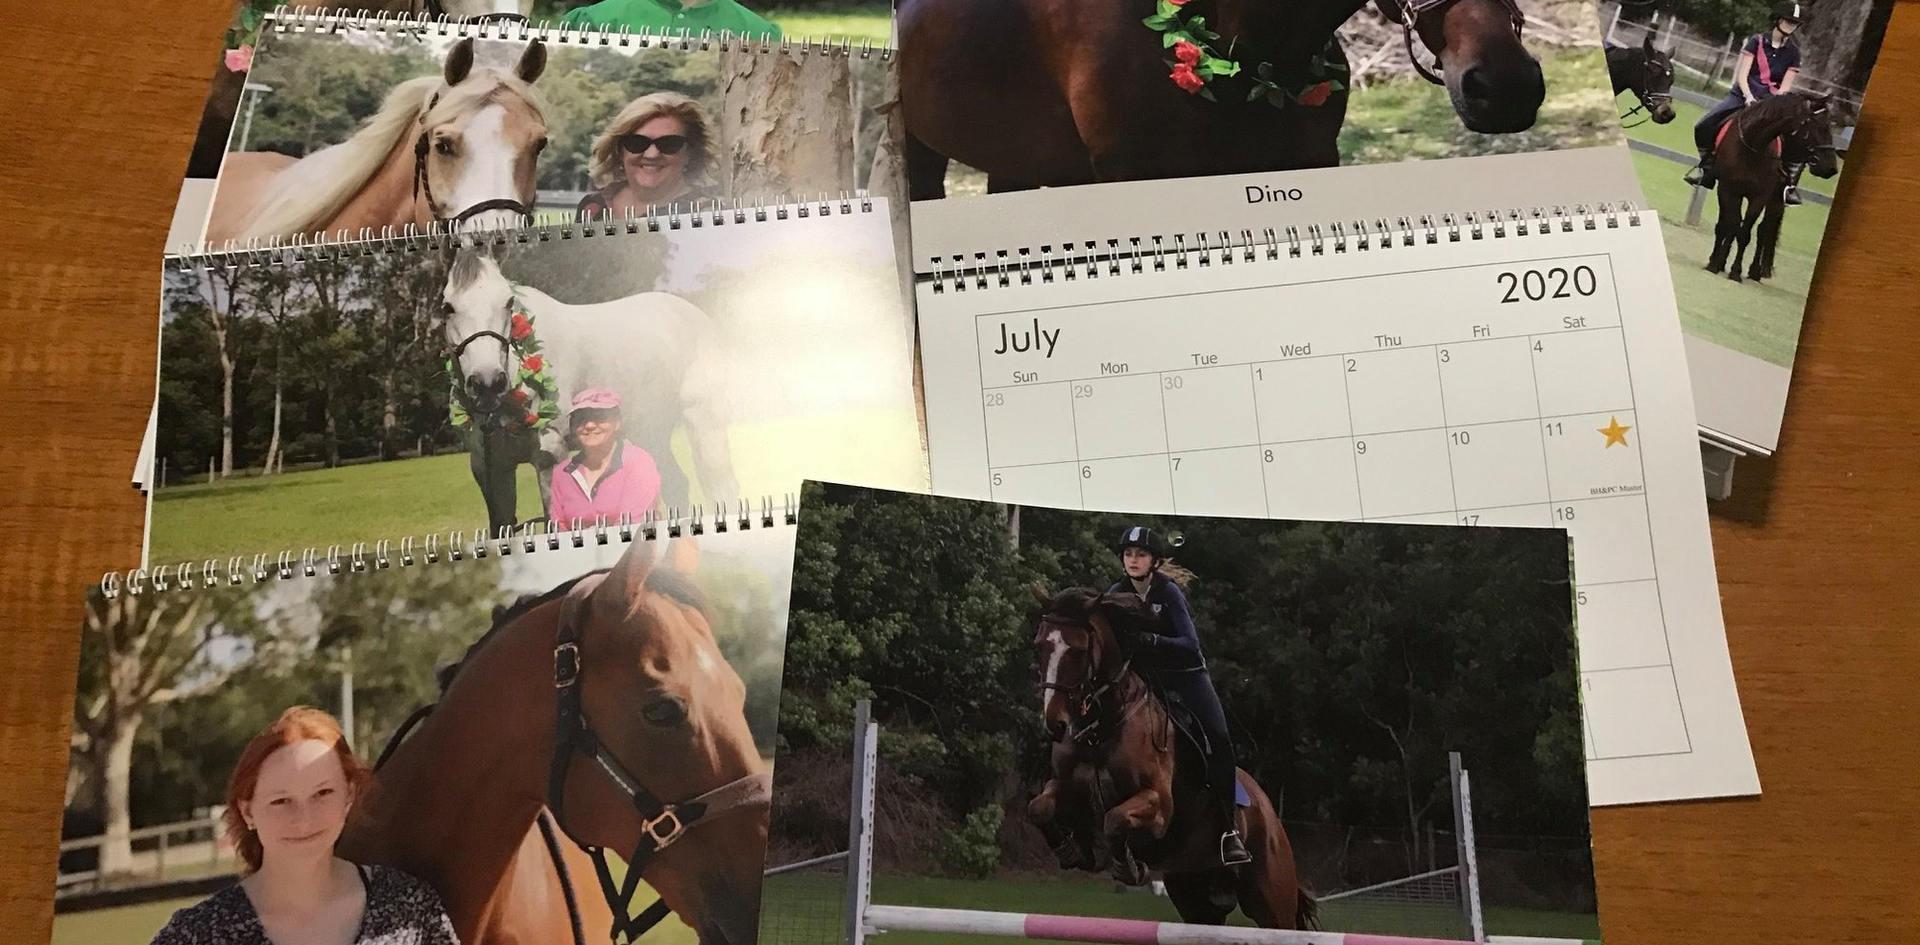 BPC 2020 Calendars available